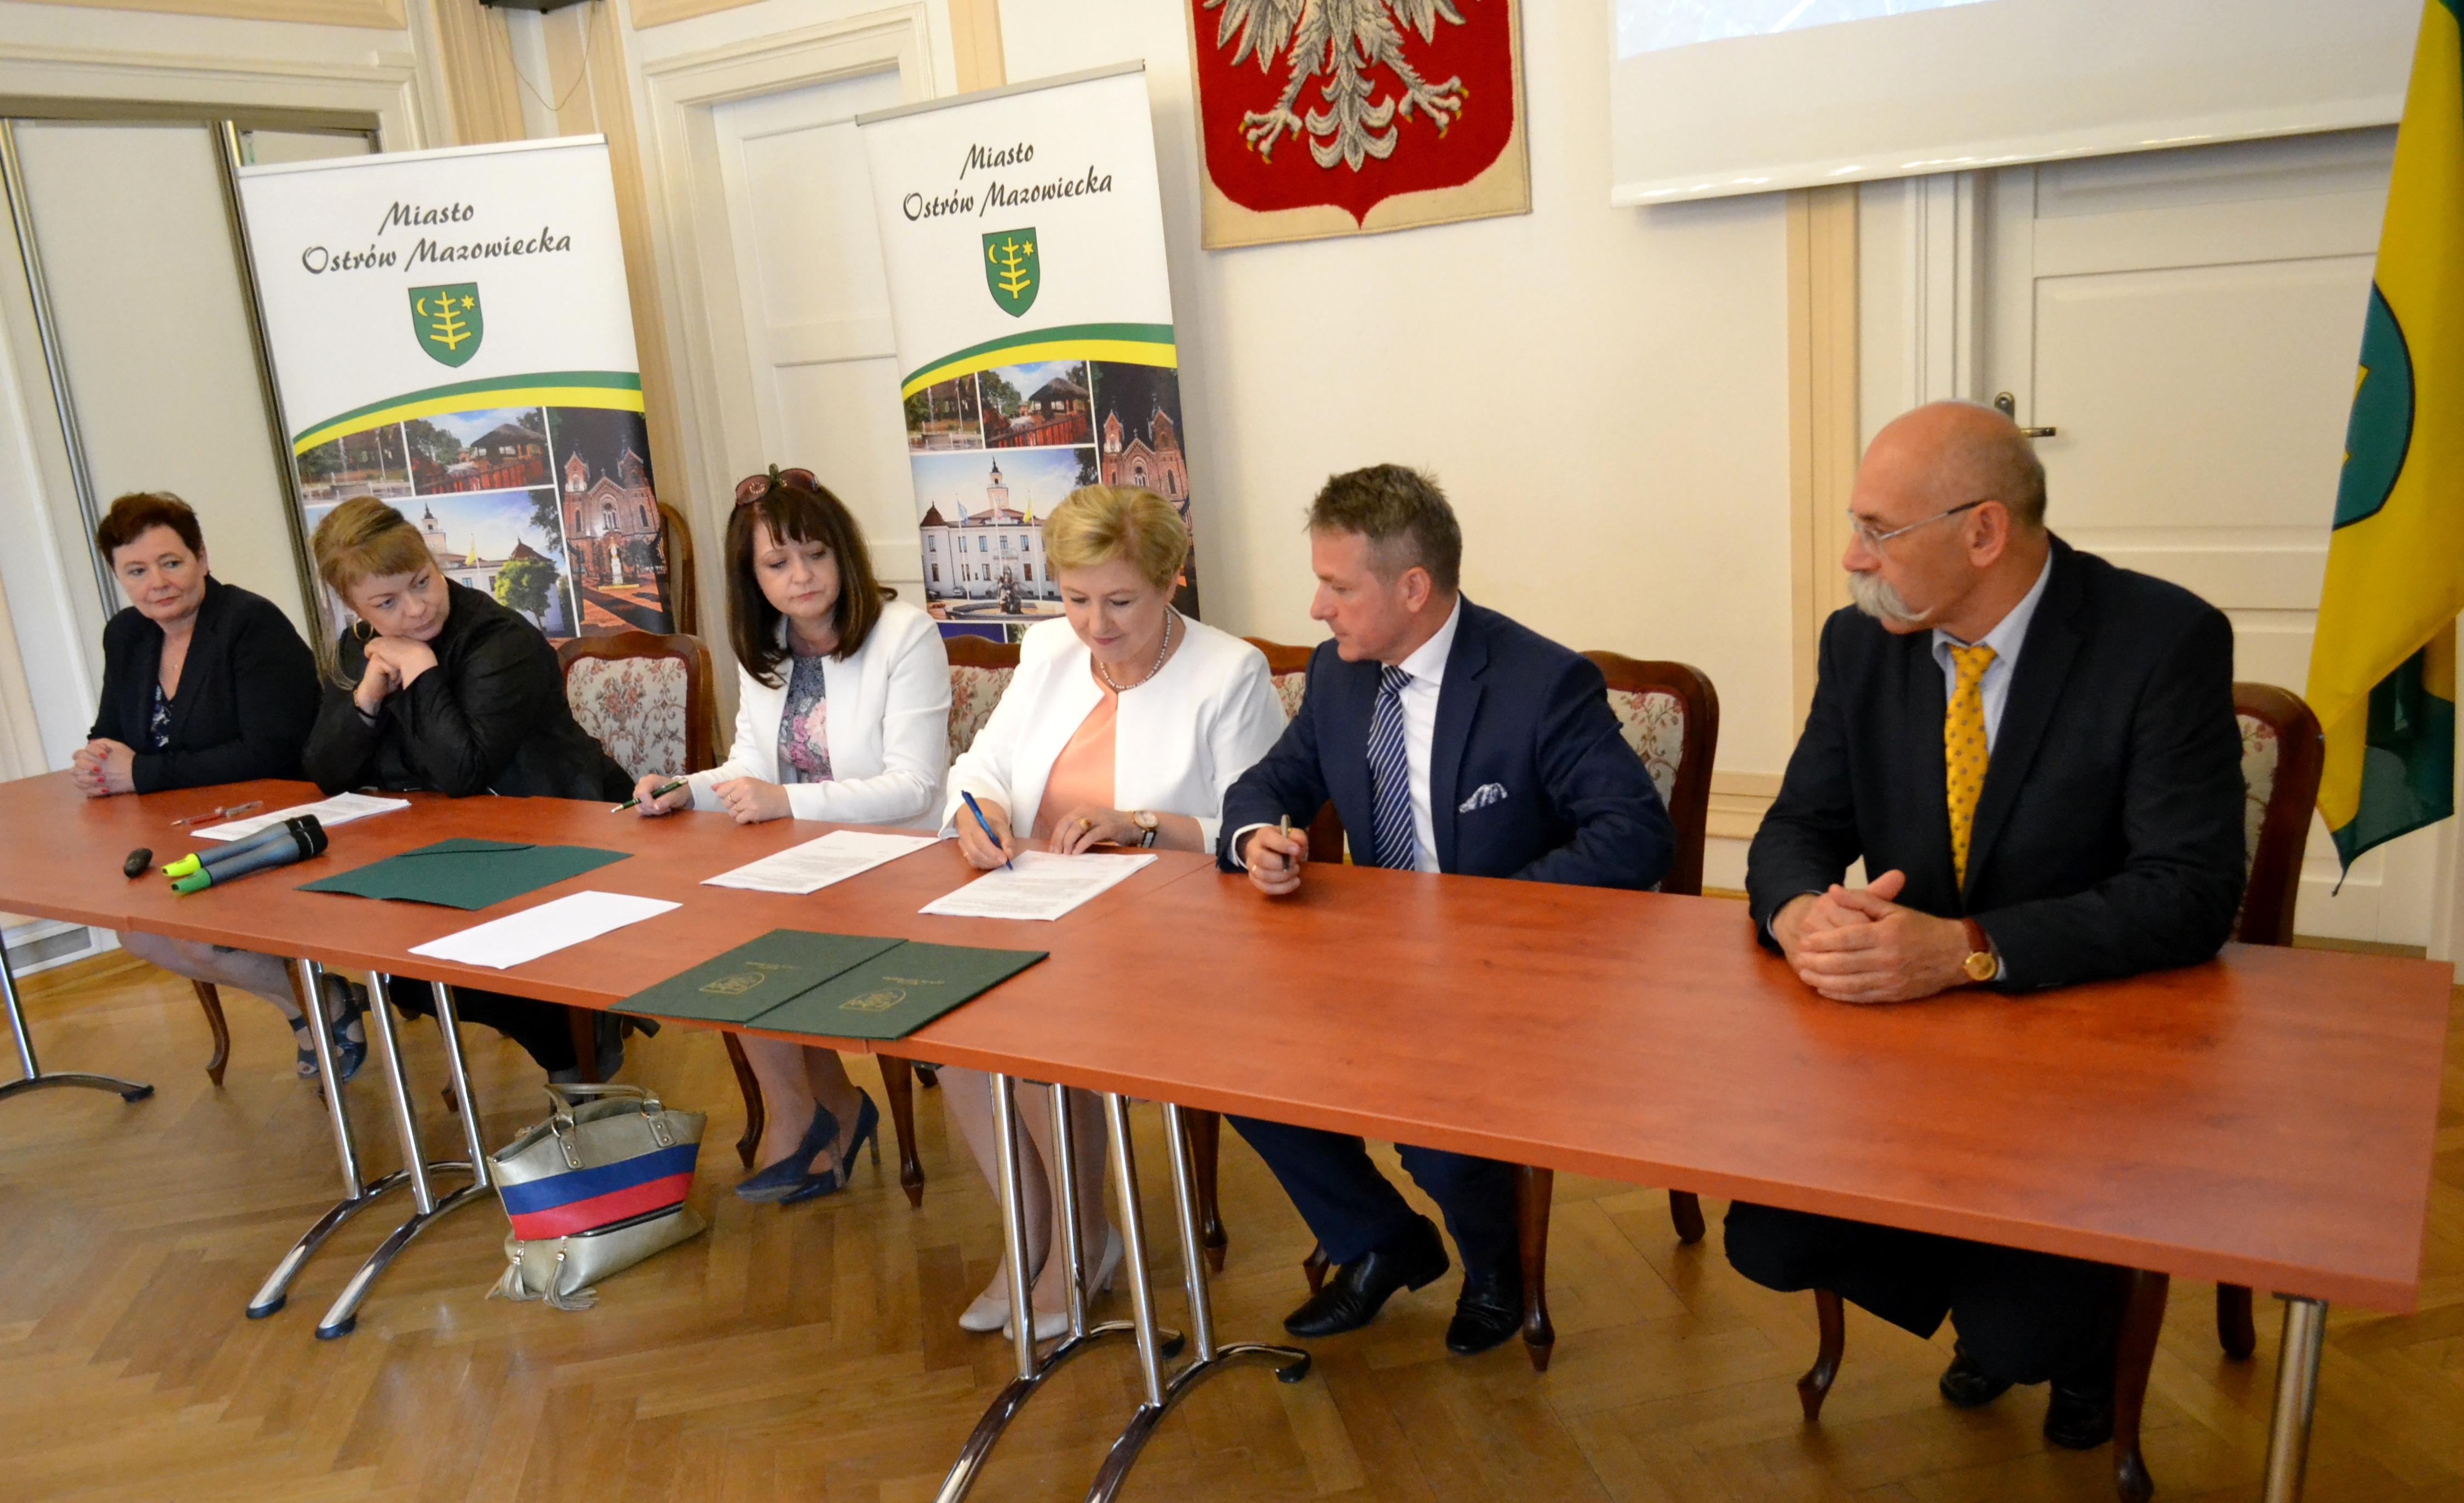 Uroczyste podpisanie umowy o dofinansowanie projektu z dz. 4.3 Redukcja emisji zanieczyszczeń powietrza